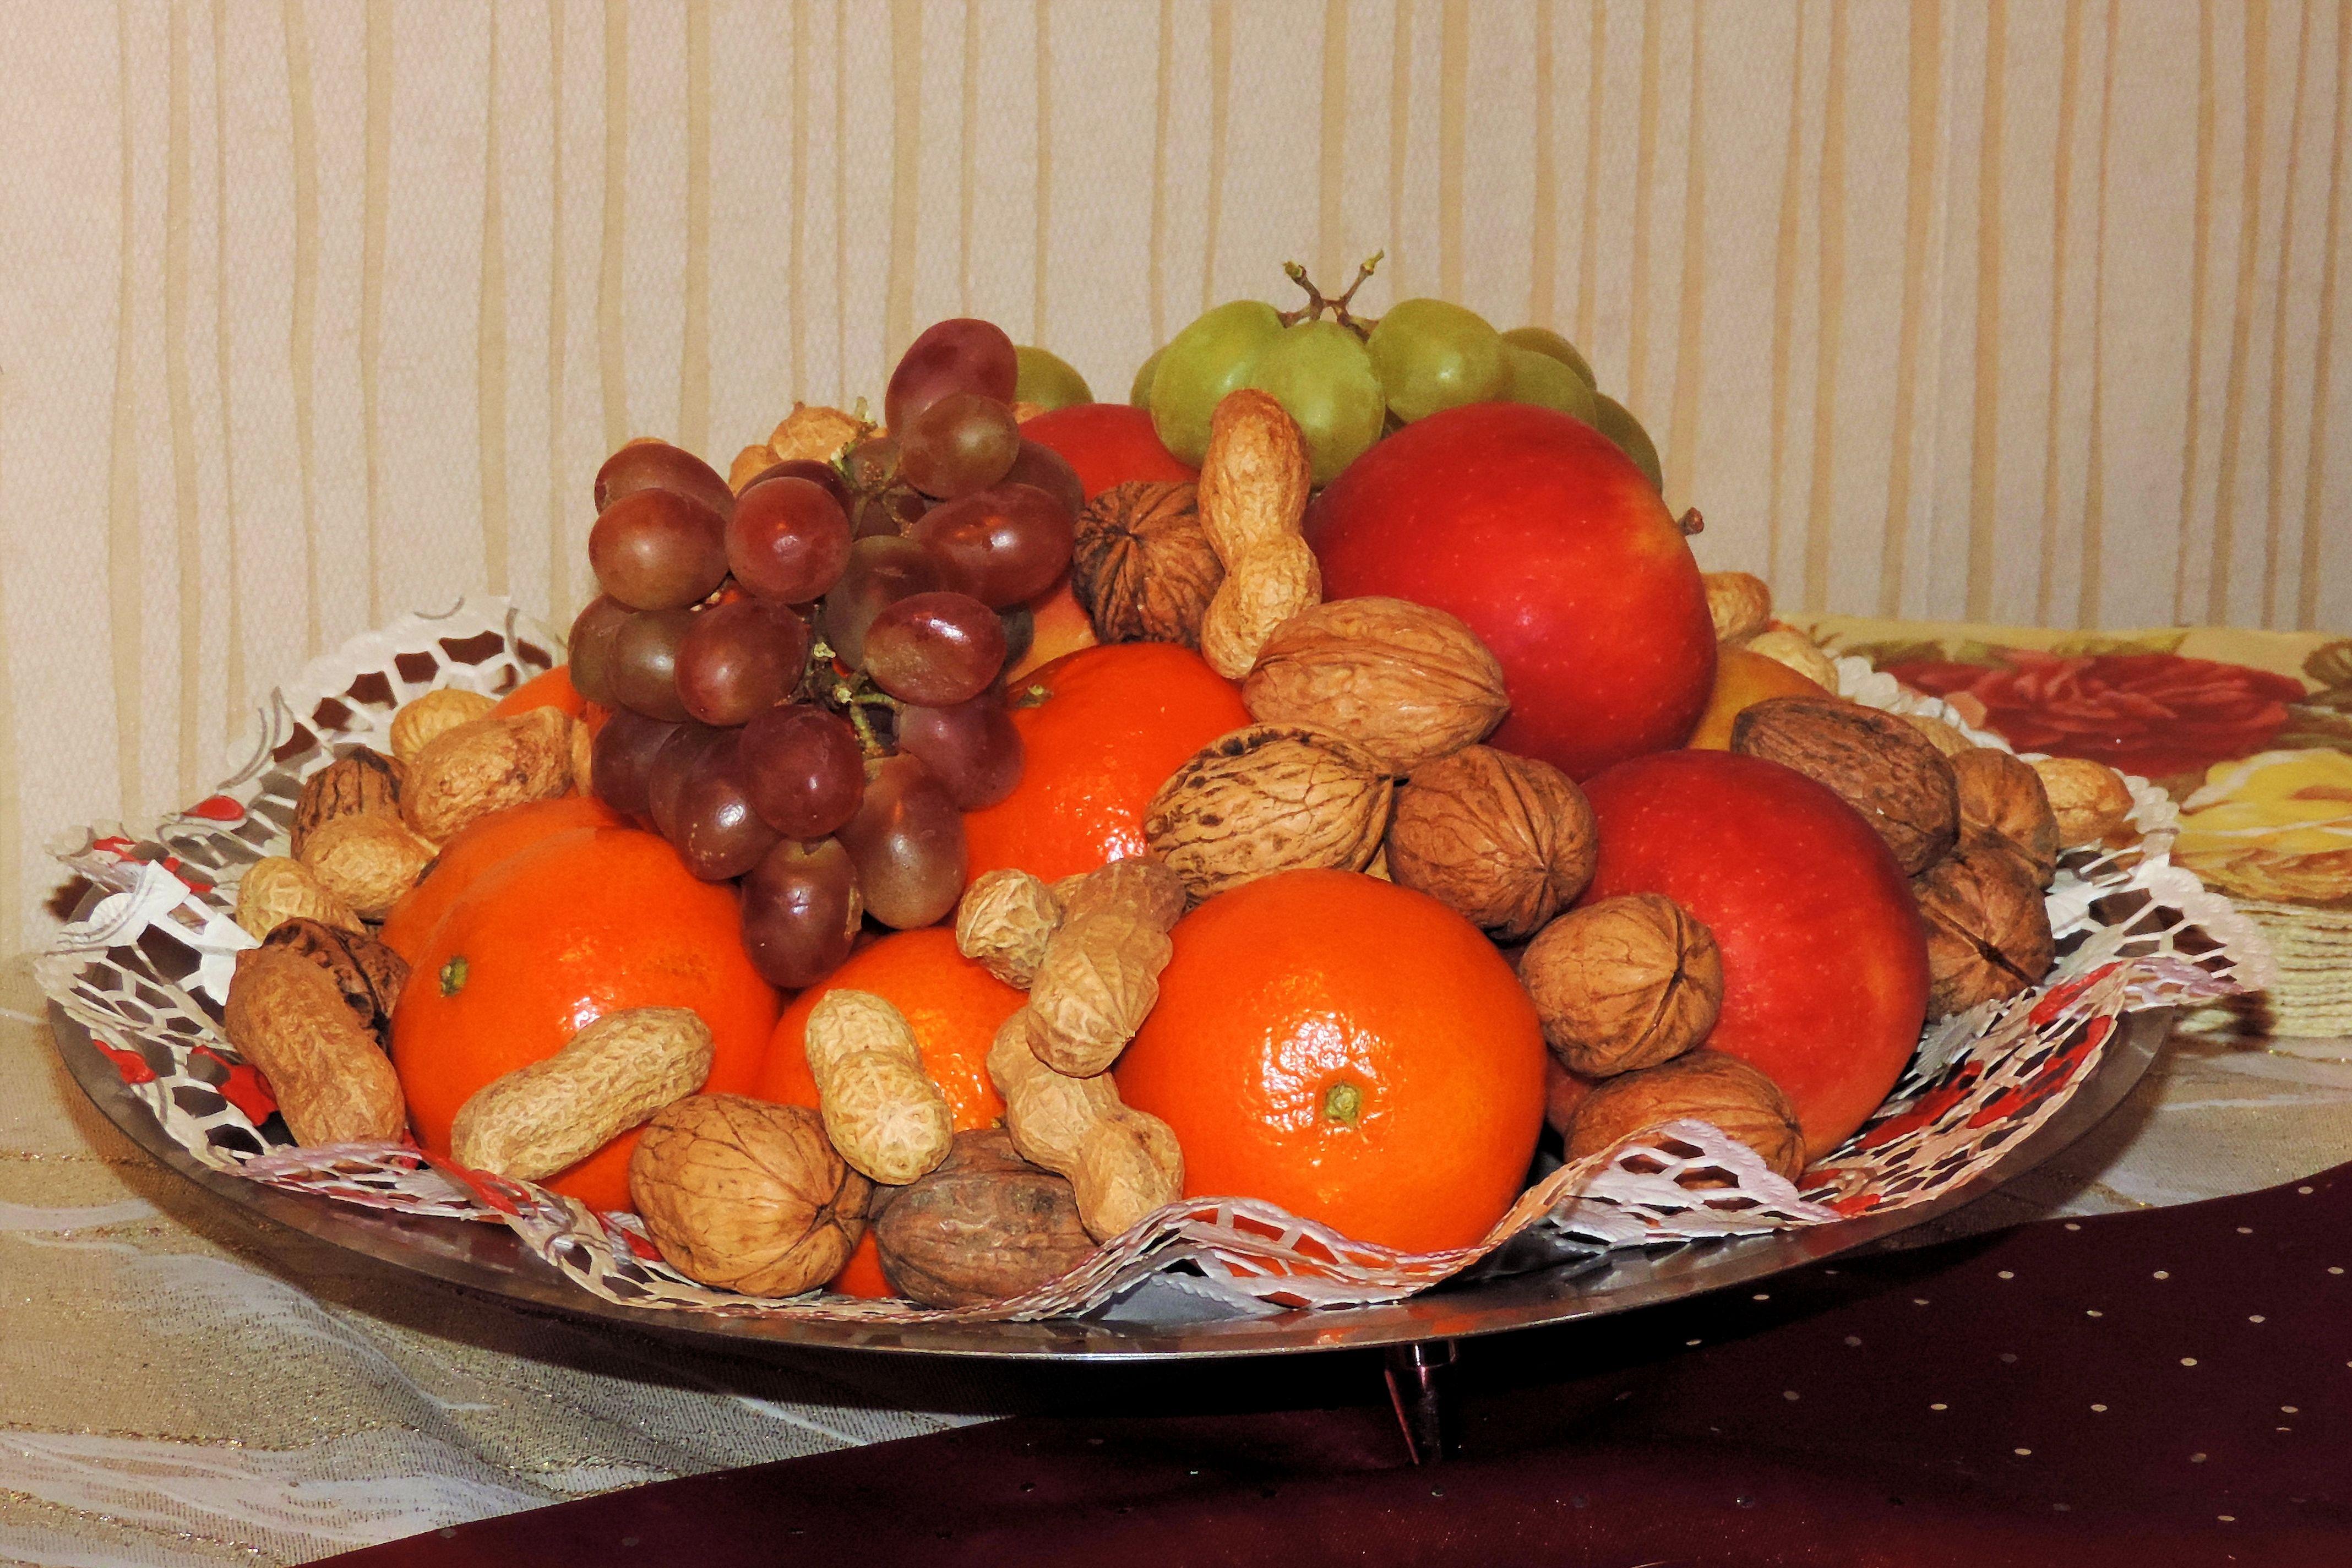 Kostenlose foto : Frucht, Lebensmittel, produzieren, Gemüse ...